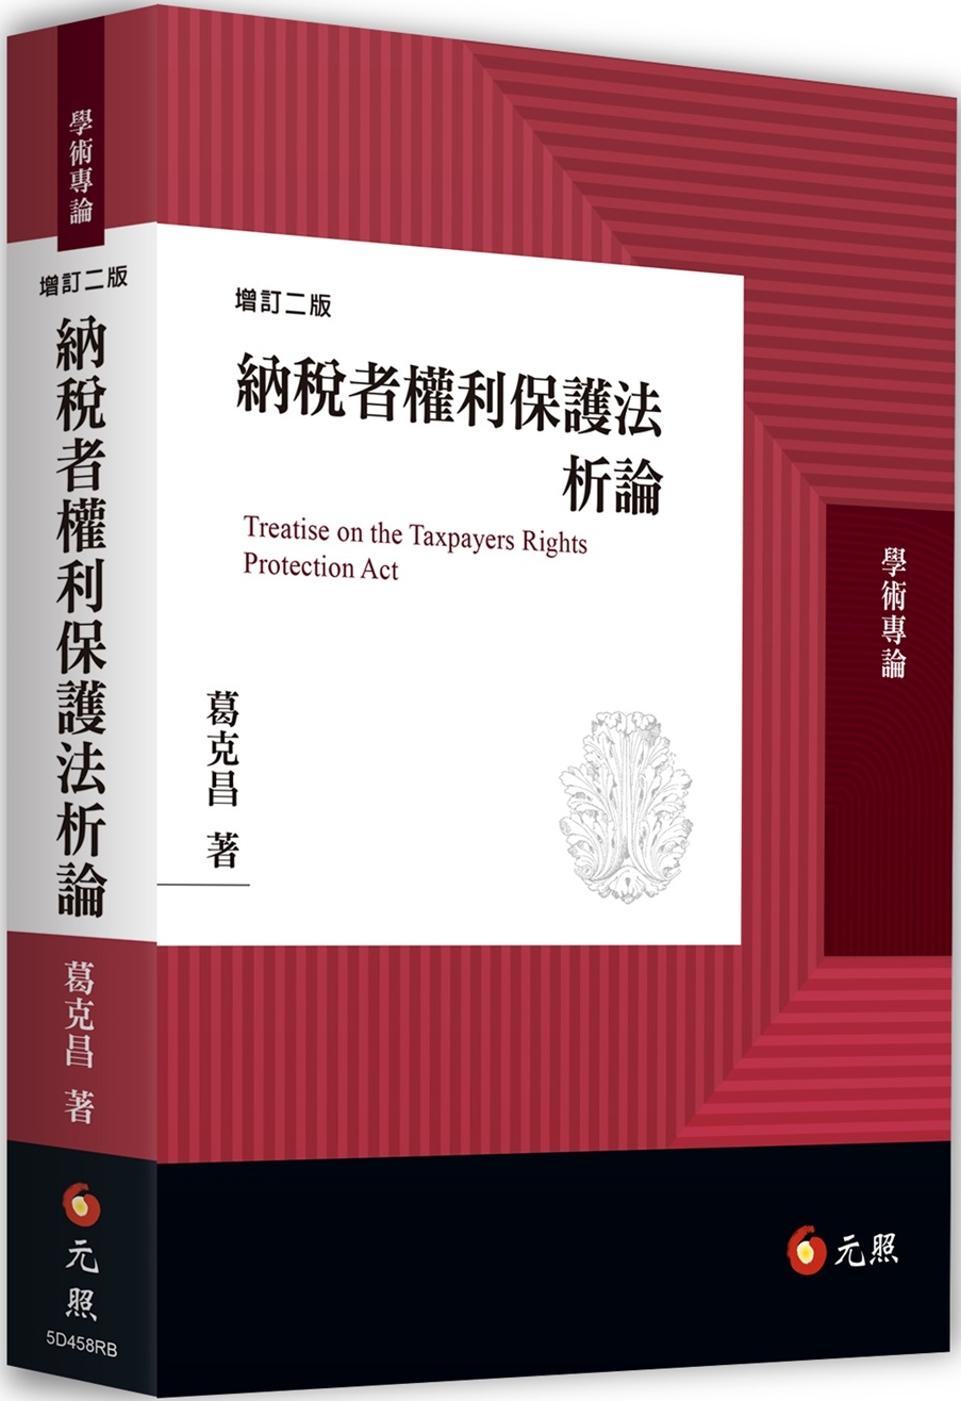 納稅者權利保護法析論(二版)